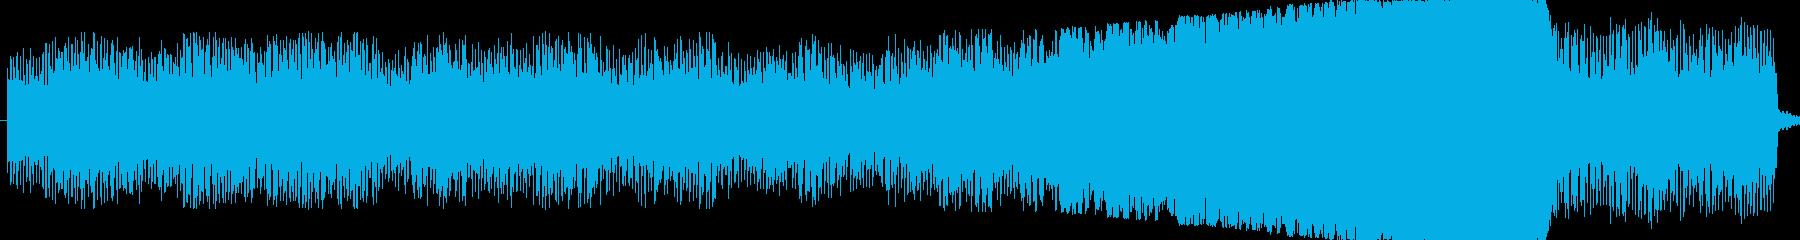 静かな熱い思いを表現してみました。ゲー…の再生済みの波形